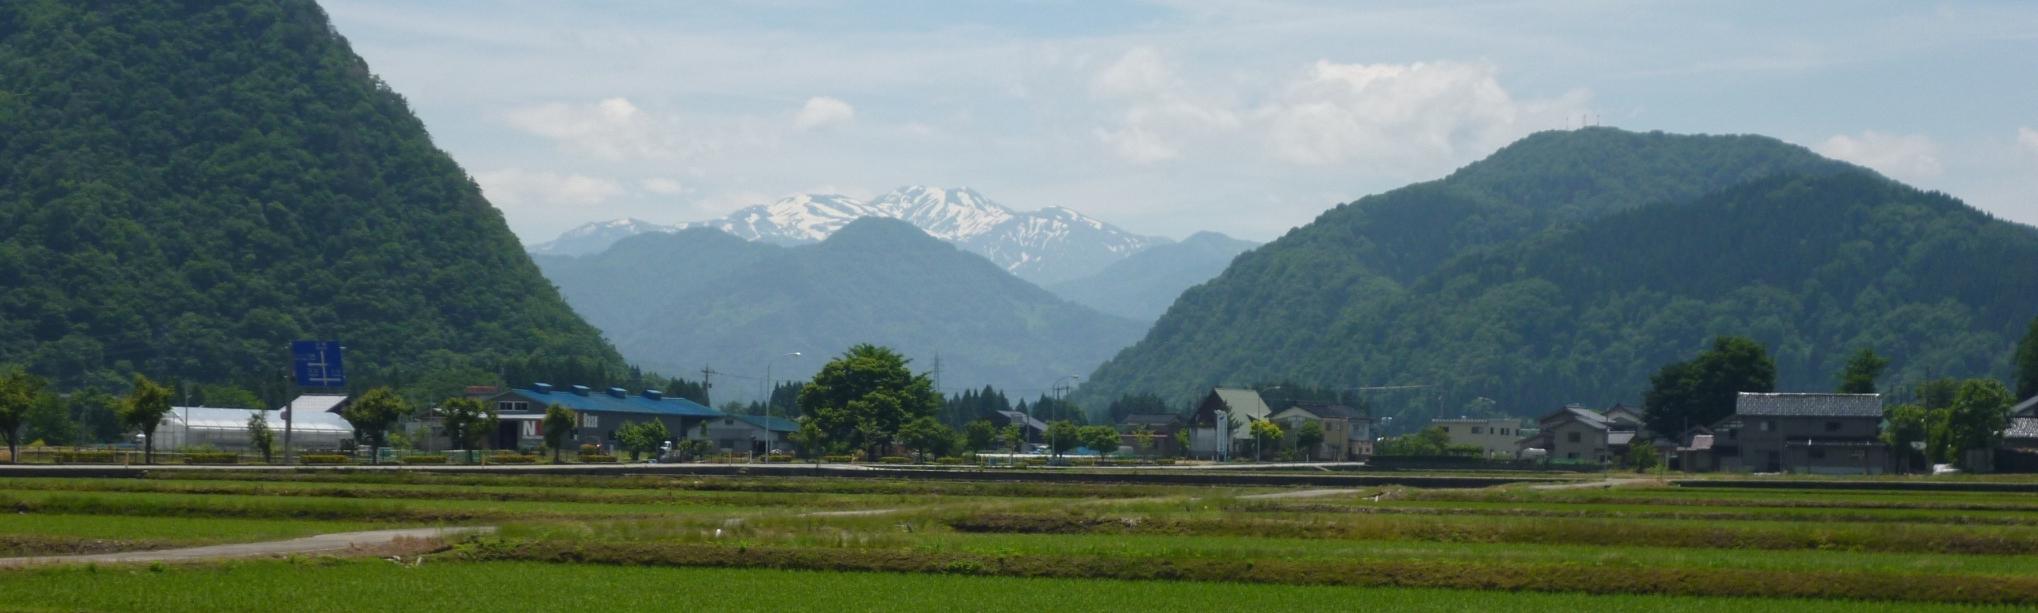 白山と高倉山